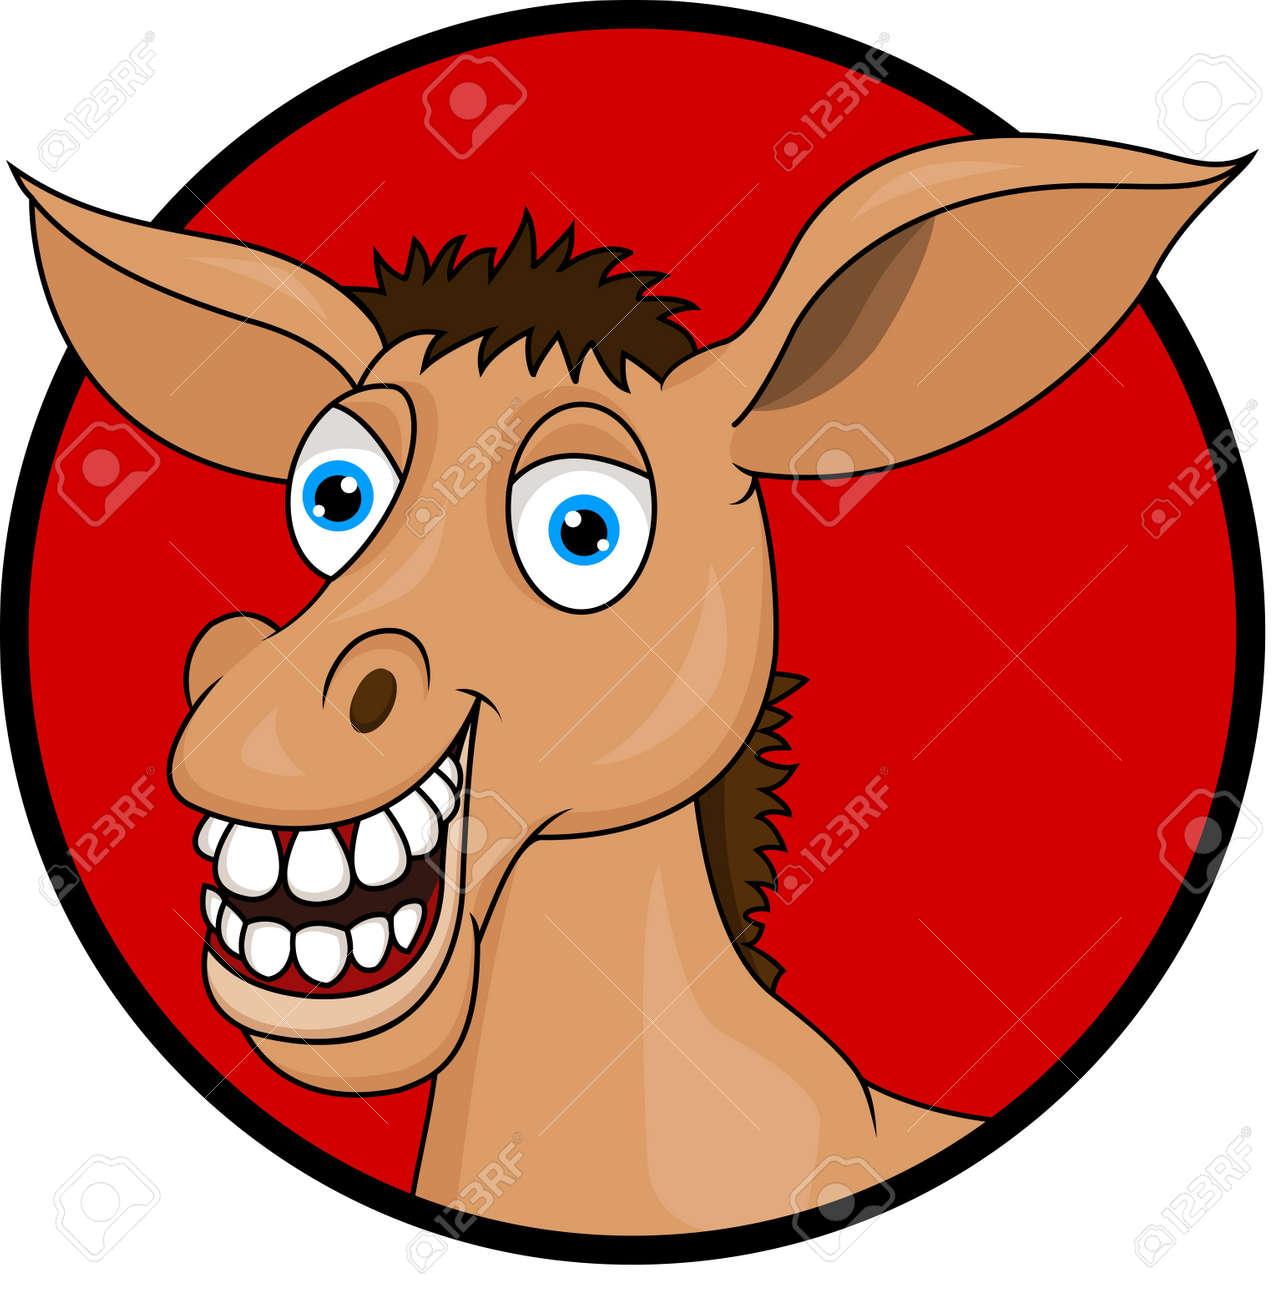 Horse donkey cartoon Stock Vector - 13496495